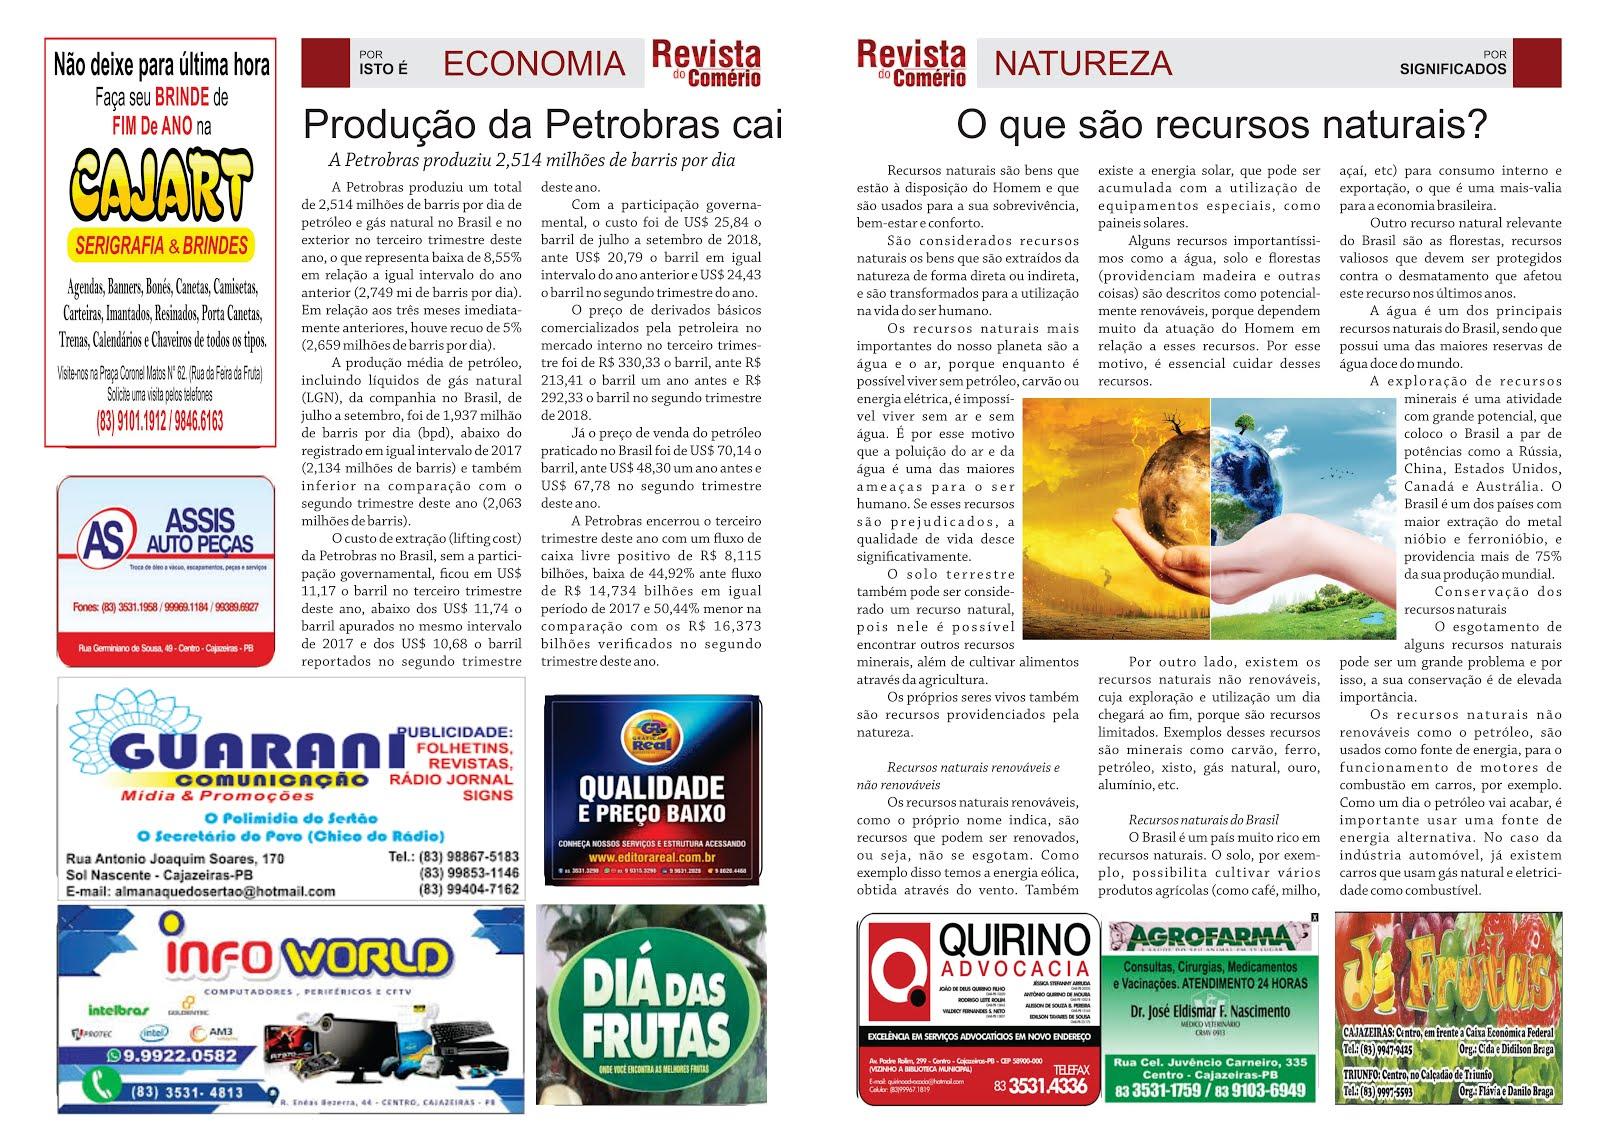 REVISTA DO COMERCIO PB SUPLEMENTO DO GRANDE JORNAL DO ESTADO PB  ON LINE  E  IMPRESSOS